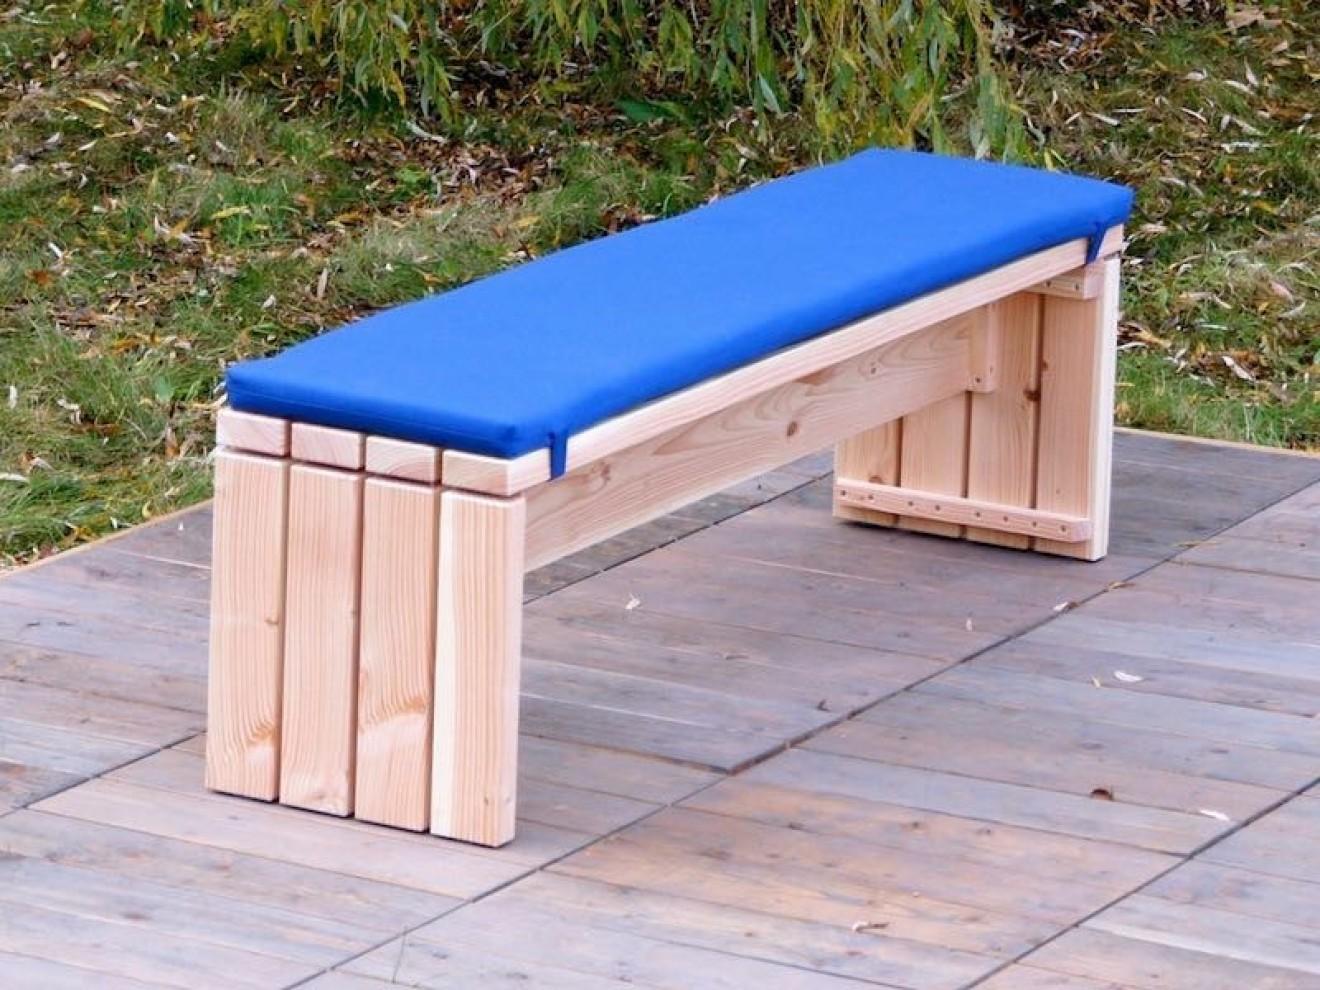 Gartenbank - Zeitlose Gartenmöbel aus heimischem Holz